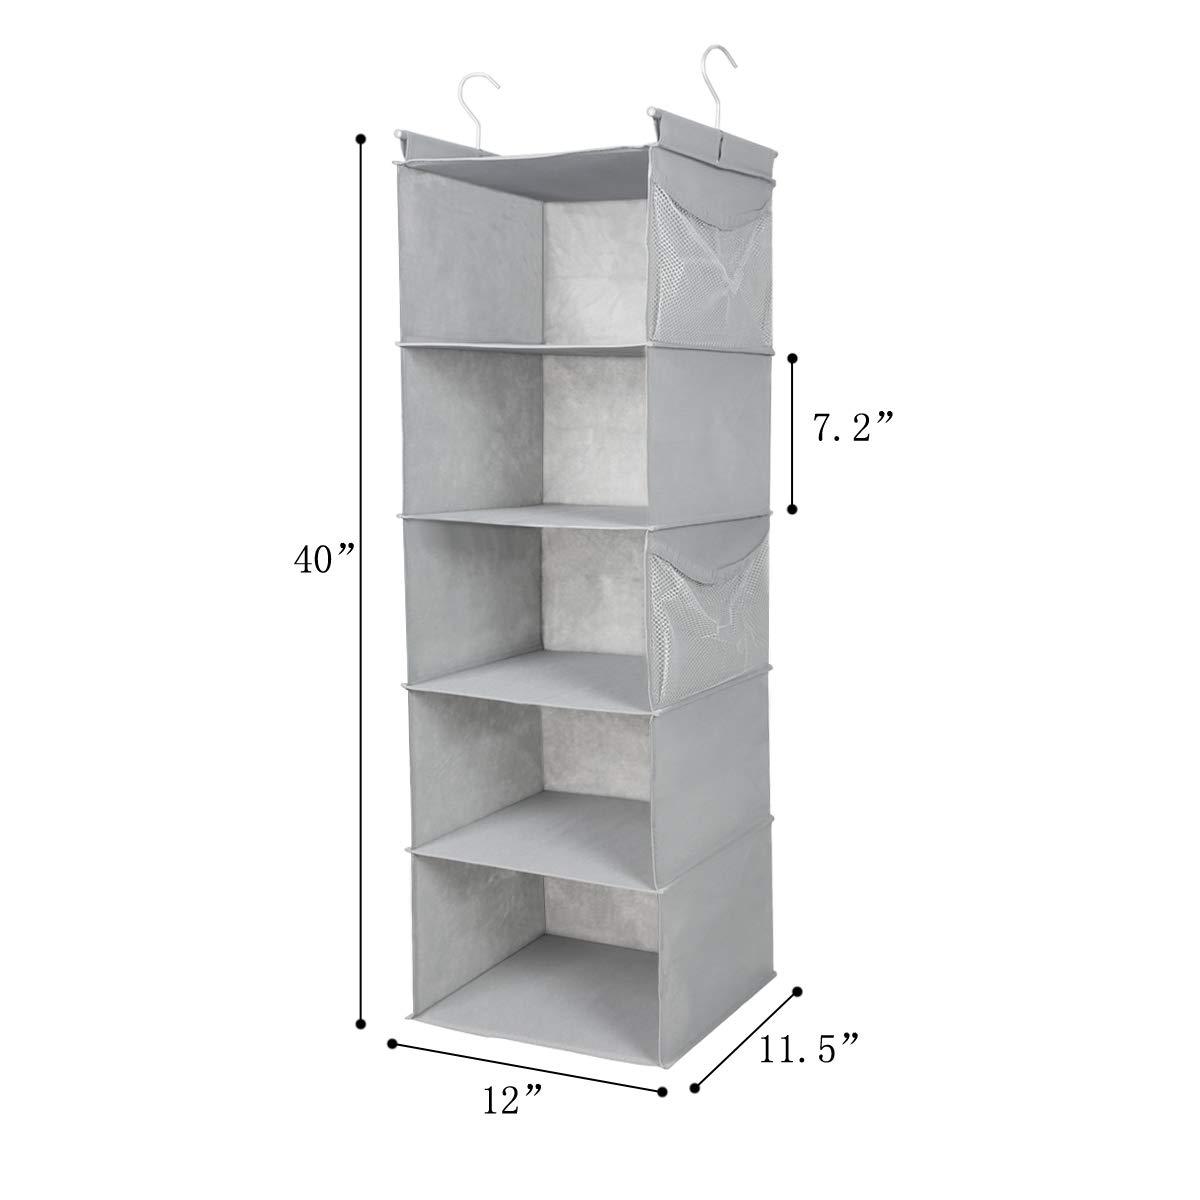 Amazon.com: MAXhouser - Organizador de armario con 5 ...